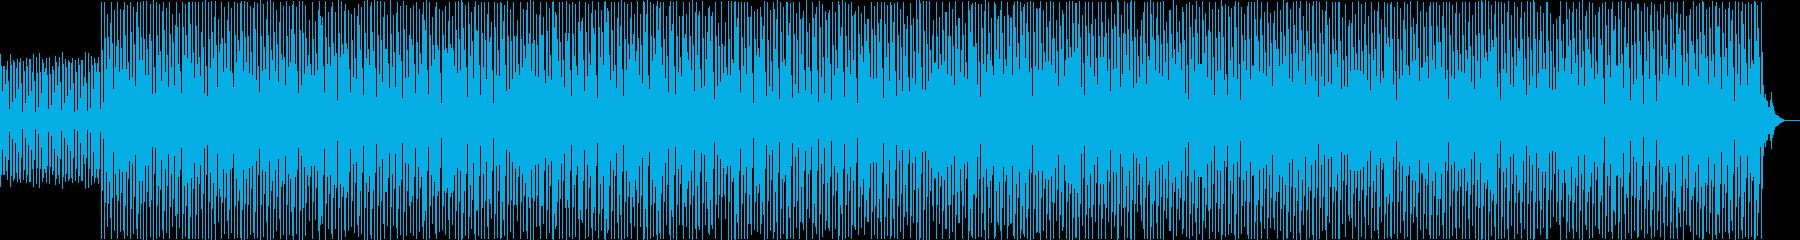 ピアノが跳ねたかわいいBGMの再生済みの波形